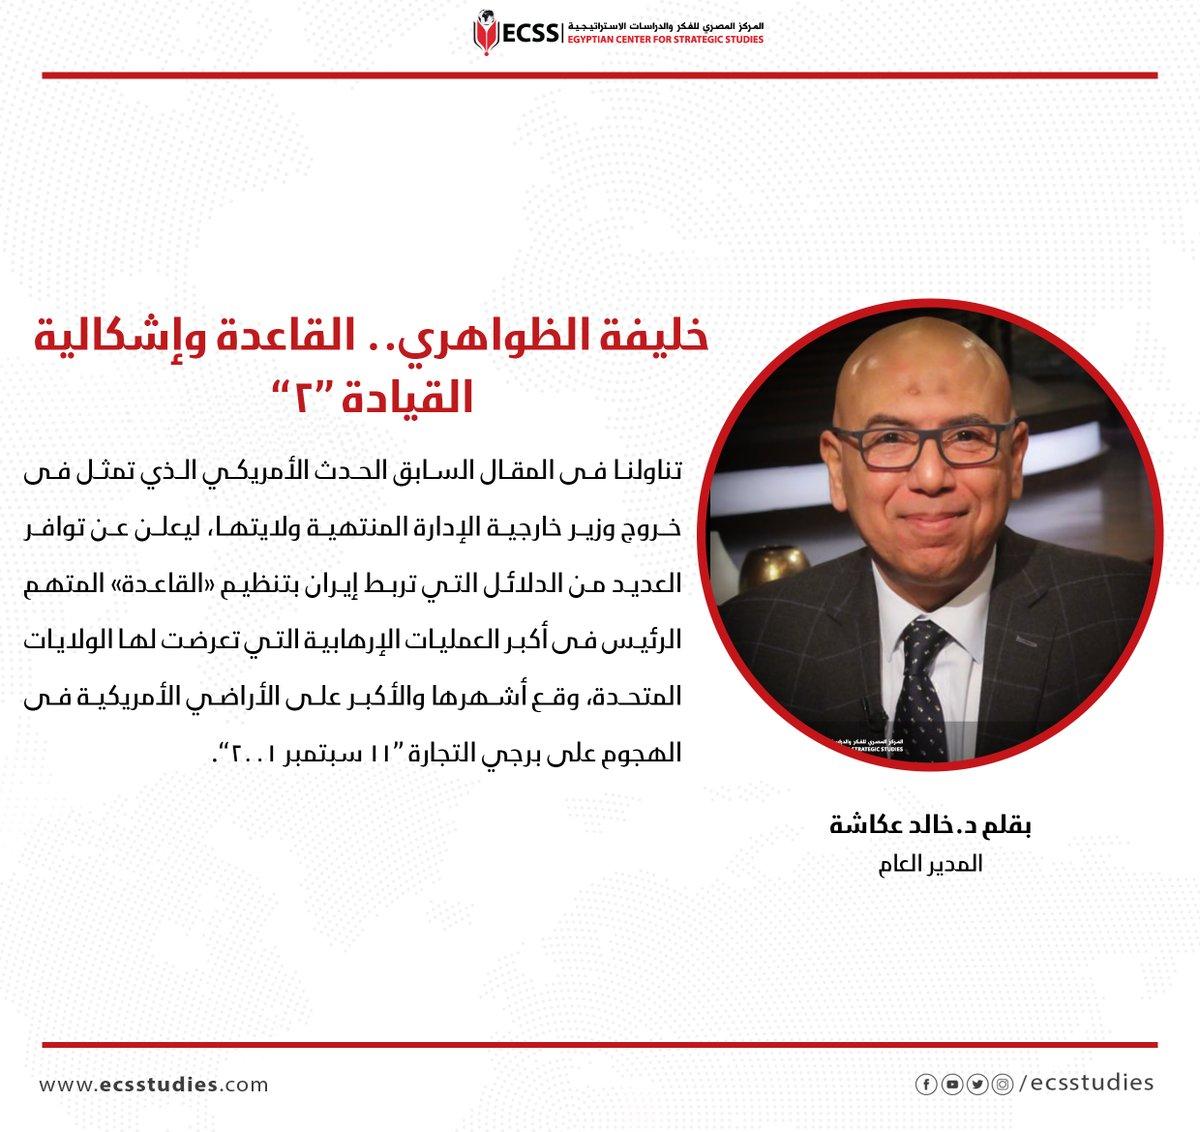 """خليفة الظواهري.. القاعدة وإشكالية القيادة """"2"""" بقلم خالد عكاشة  #أيمن_الظواهري #حركة_الشباب #تنظيم_القاعدة"""